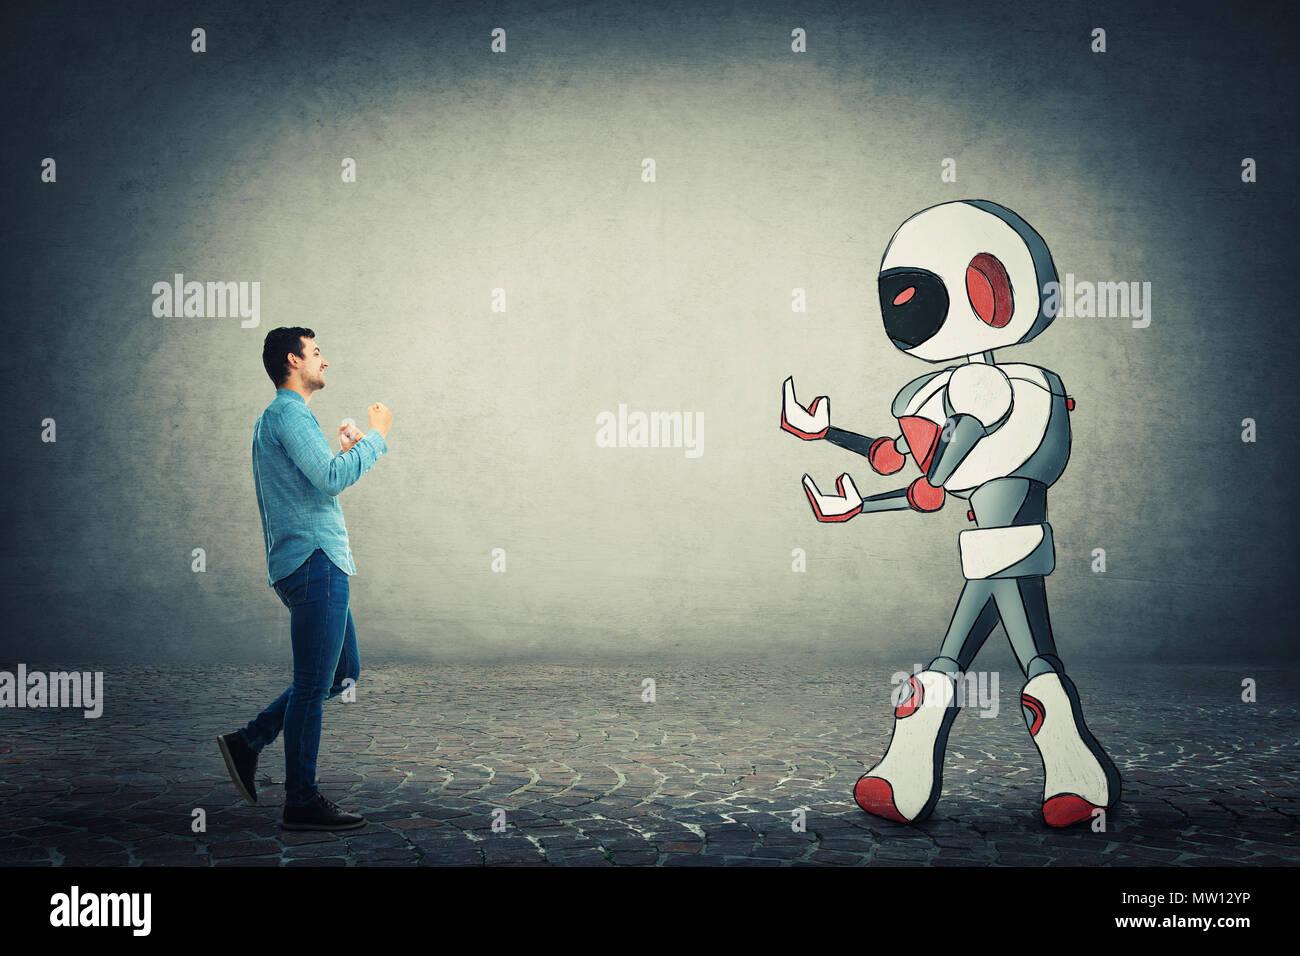 Young businessman holding poings prêts à lutter contre le robot. La rivalité entre l'humain et la technologie. Danger de perdre l'emploi, le remplacement du travail humain Photo Stock